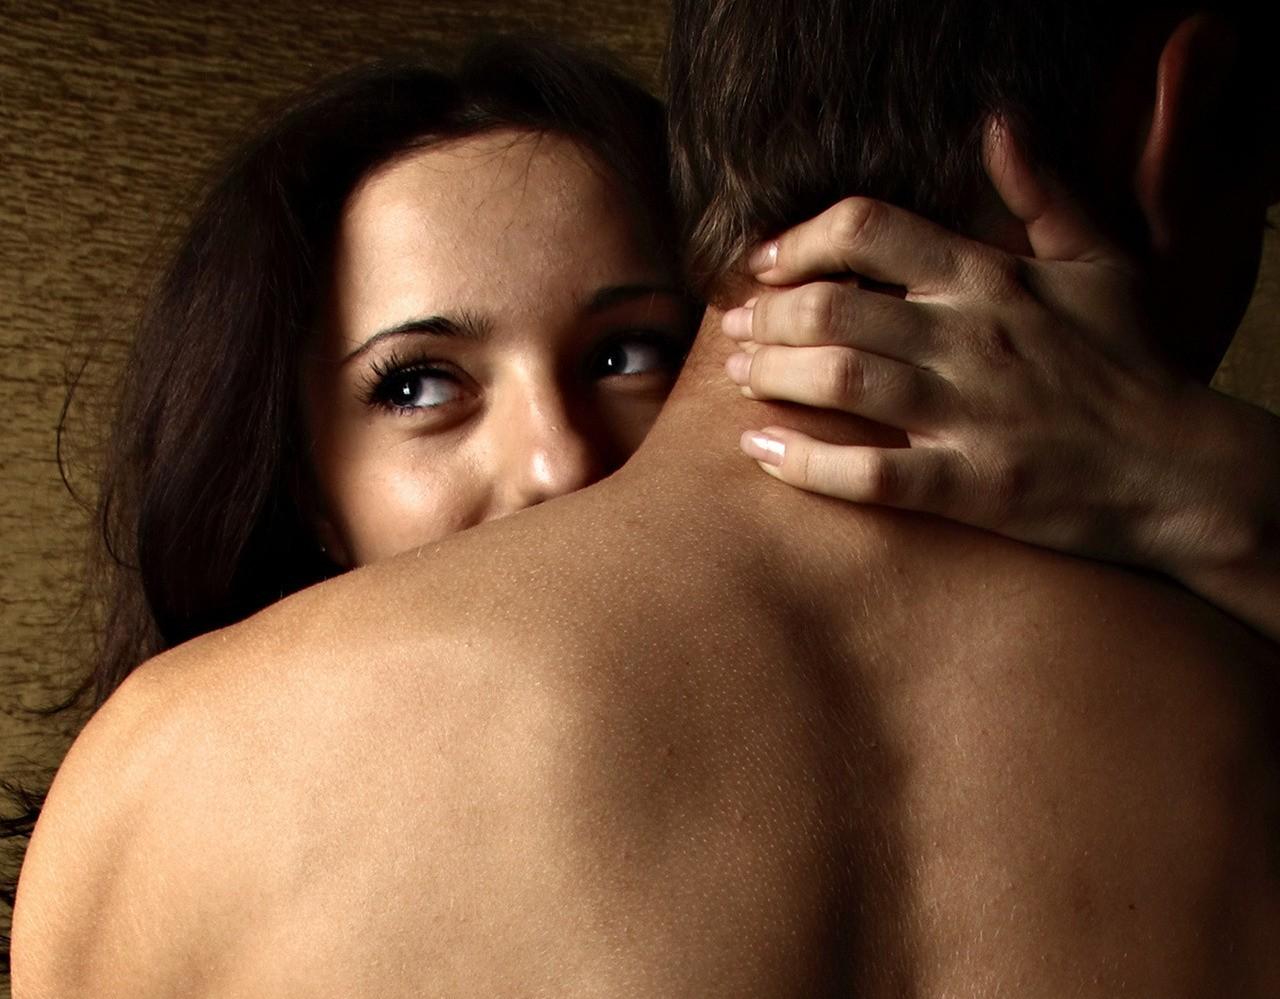 seks-paren-s-zhenshini-video